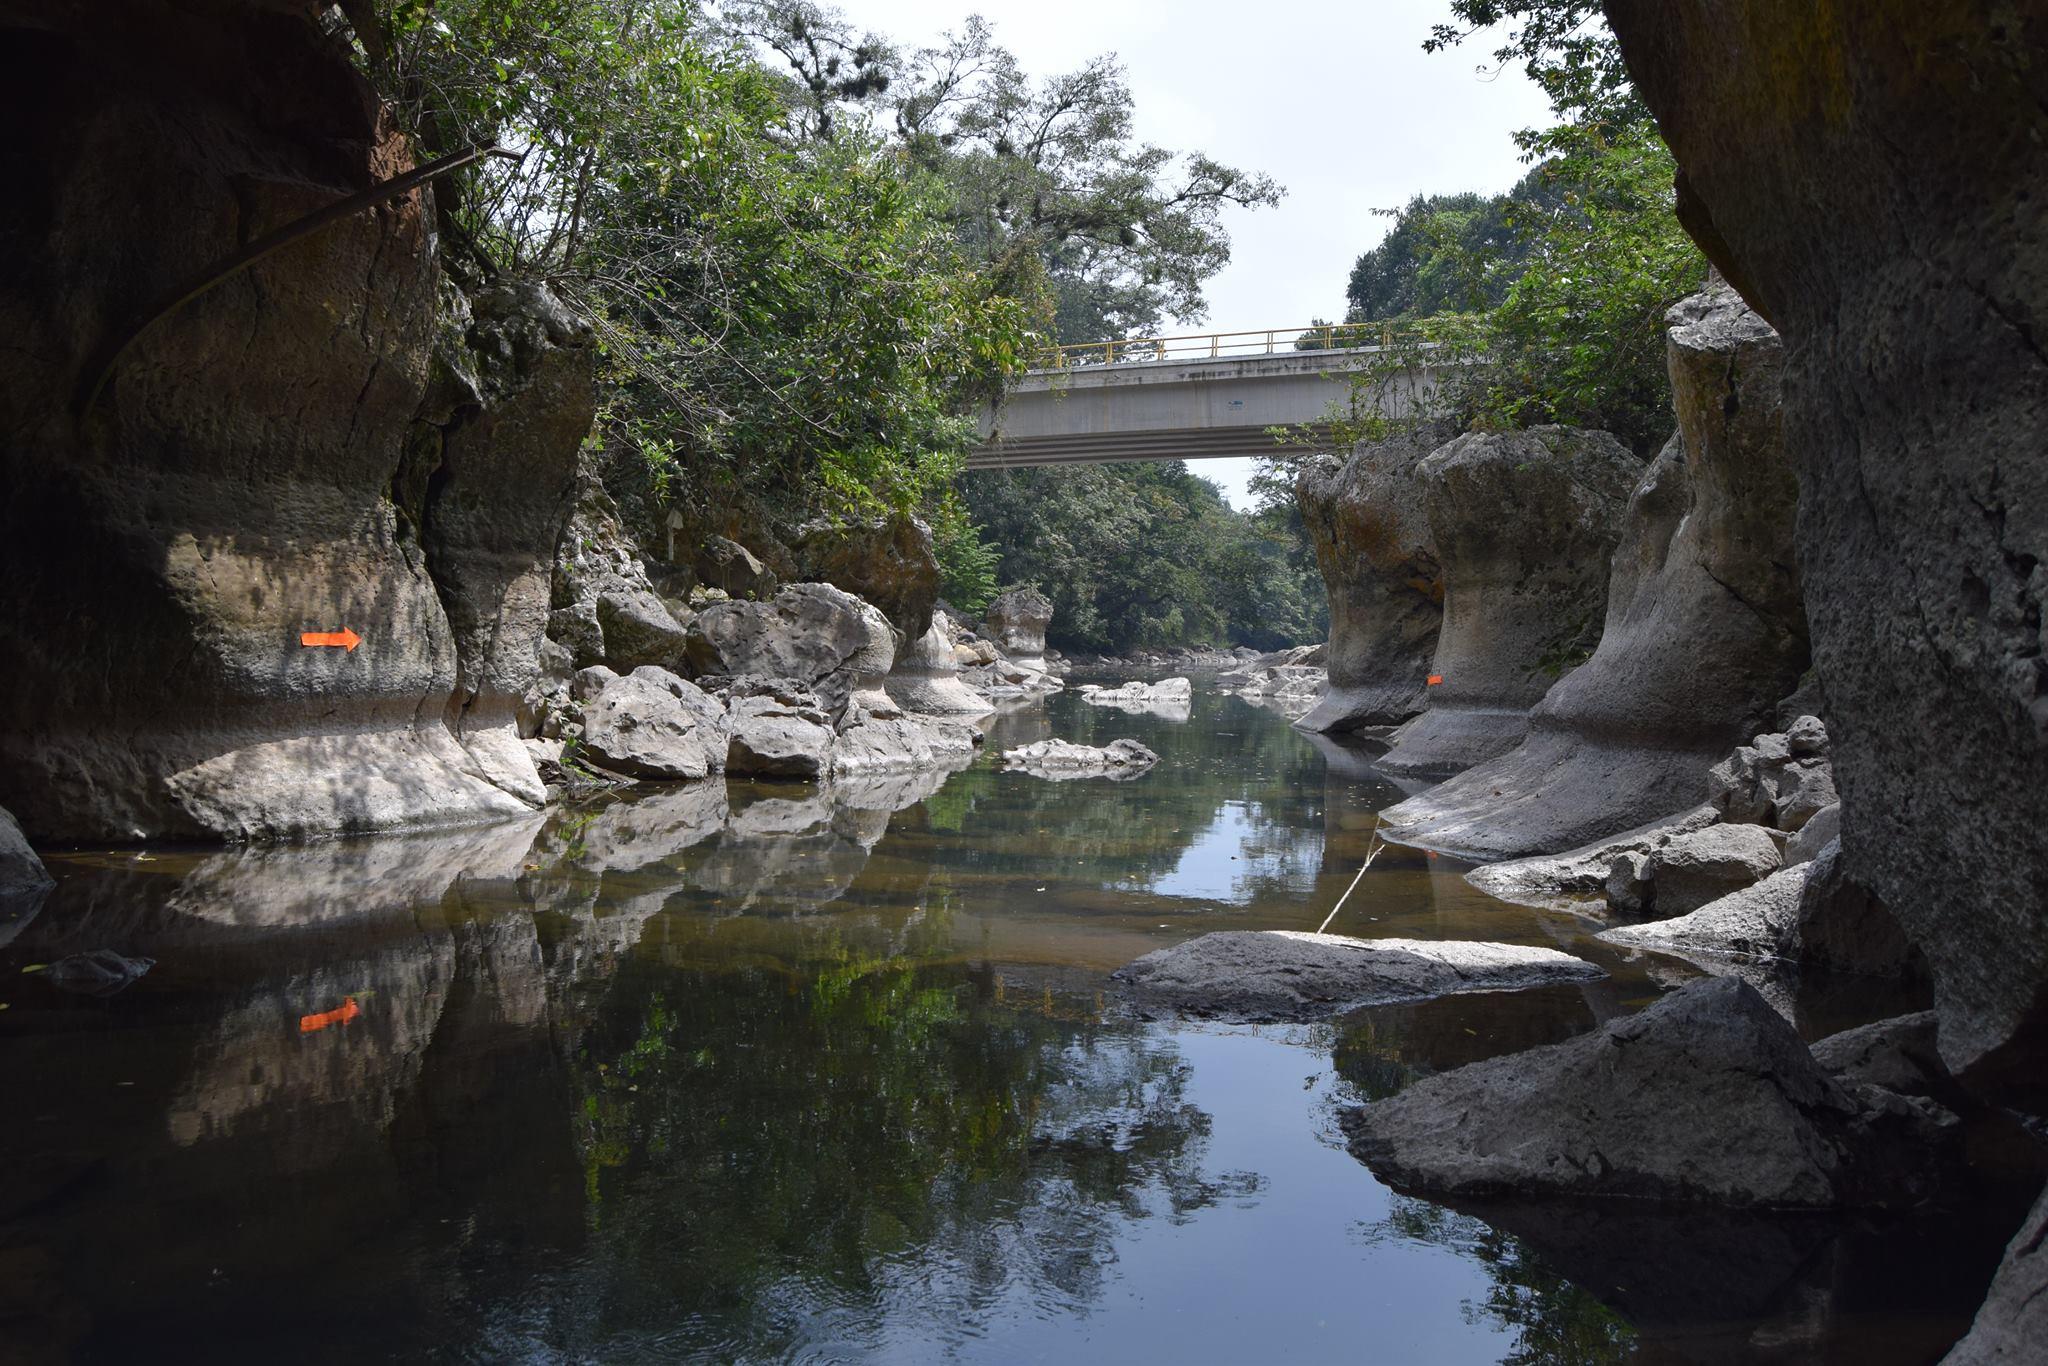 Continúa la depredación del río Atoyac con respaldo de gobiernos